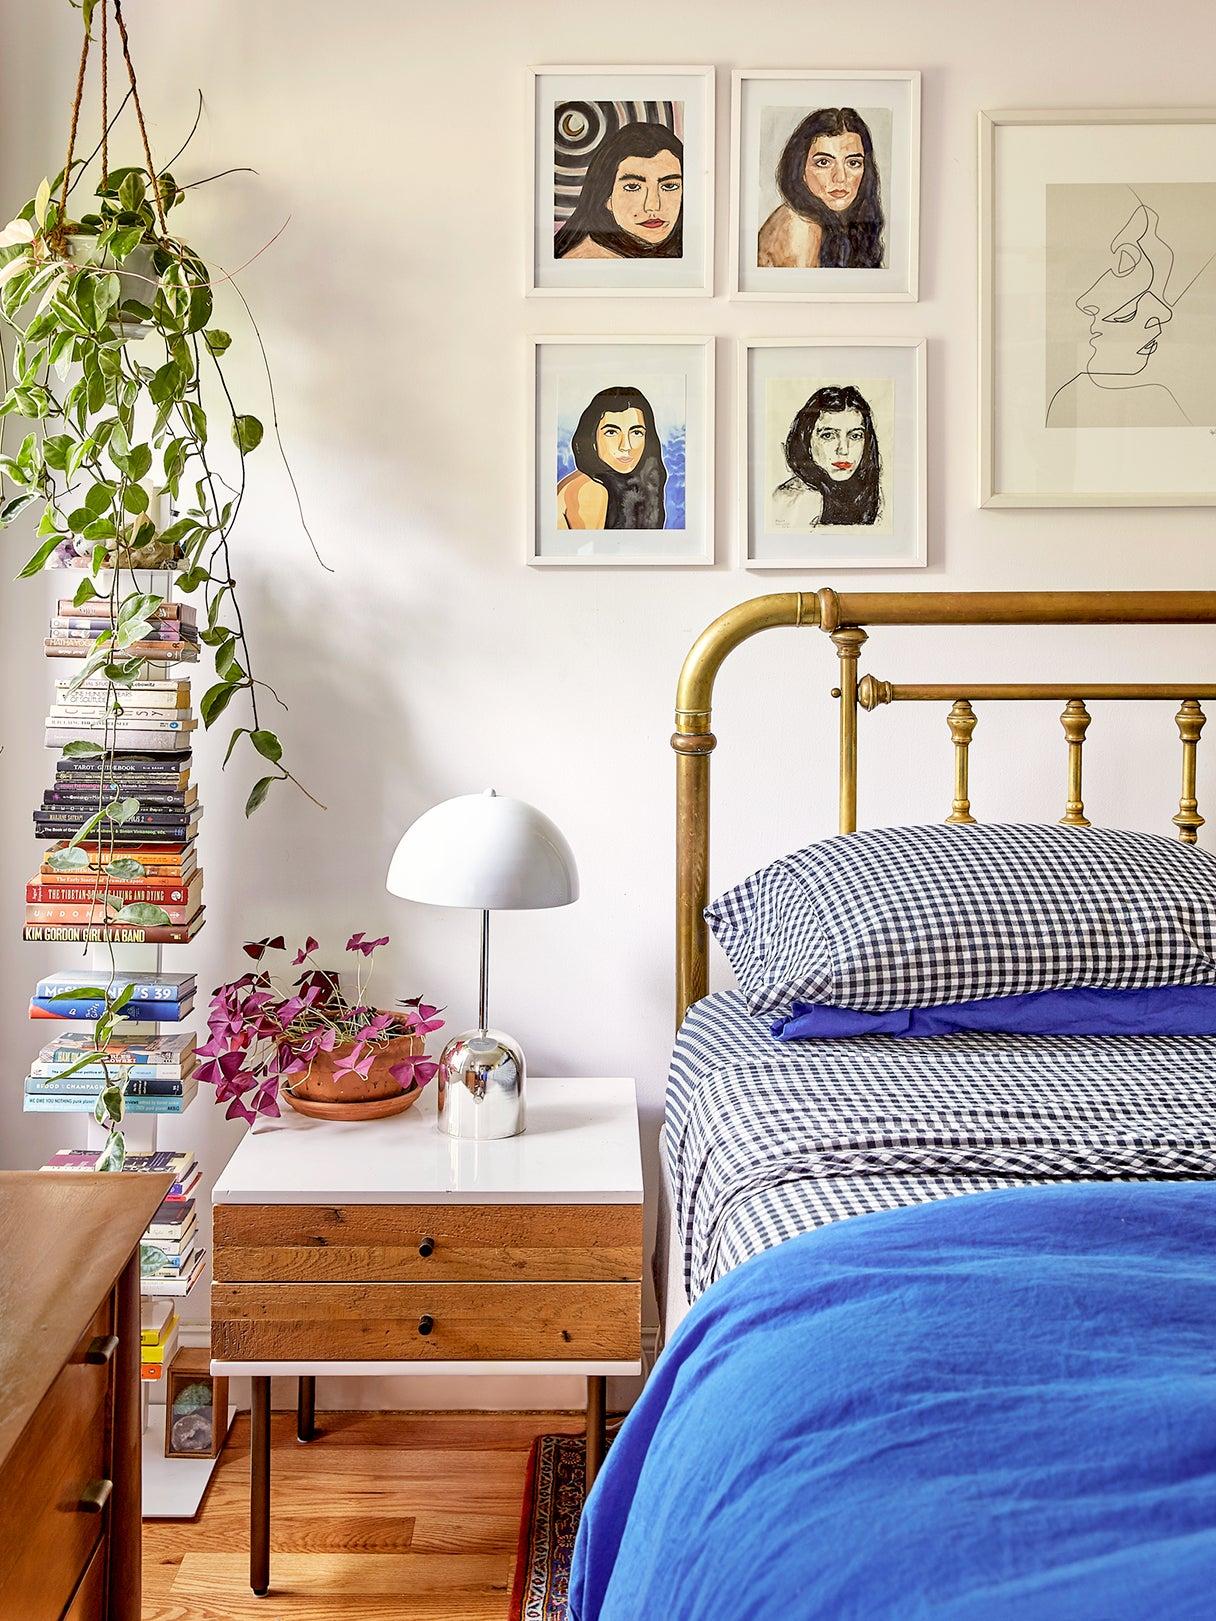 00-FEATURE-nightstand-lamp-pairing-domino